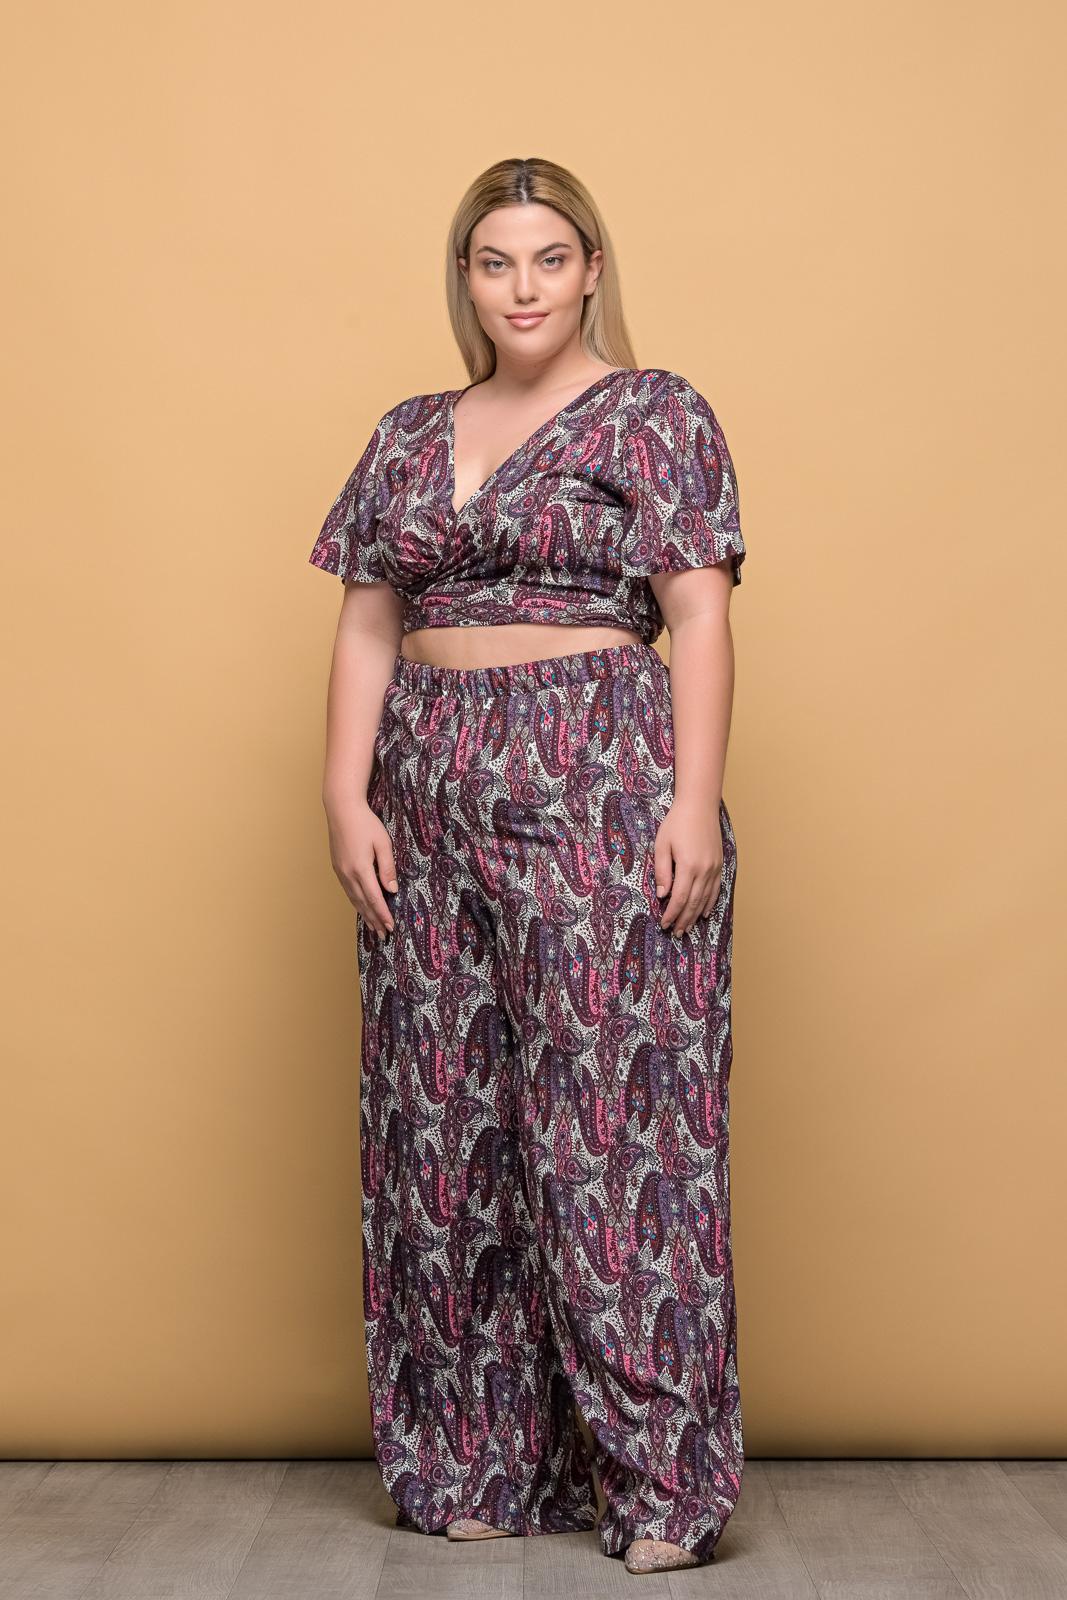 Κροπ-τοπ μεγάλα μεγέθη κρουαζέ floral/μωβ με δέσιμο..Στο eshop μας θα βρείτε οικονομικά γυναίκεια ρούχα σε μεγάλα μεγέθη και υπερμεγέθη.